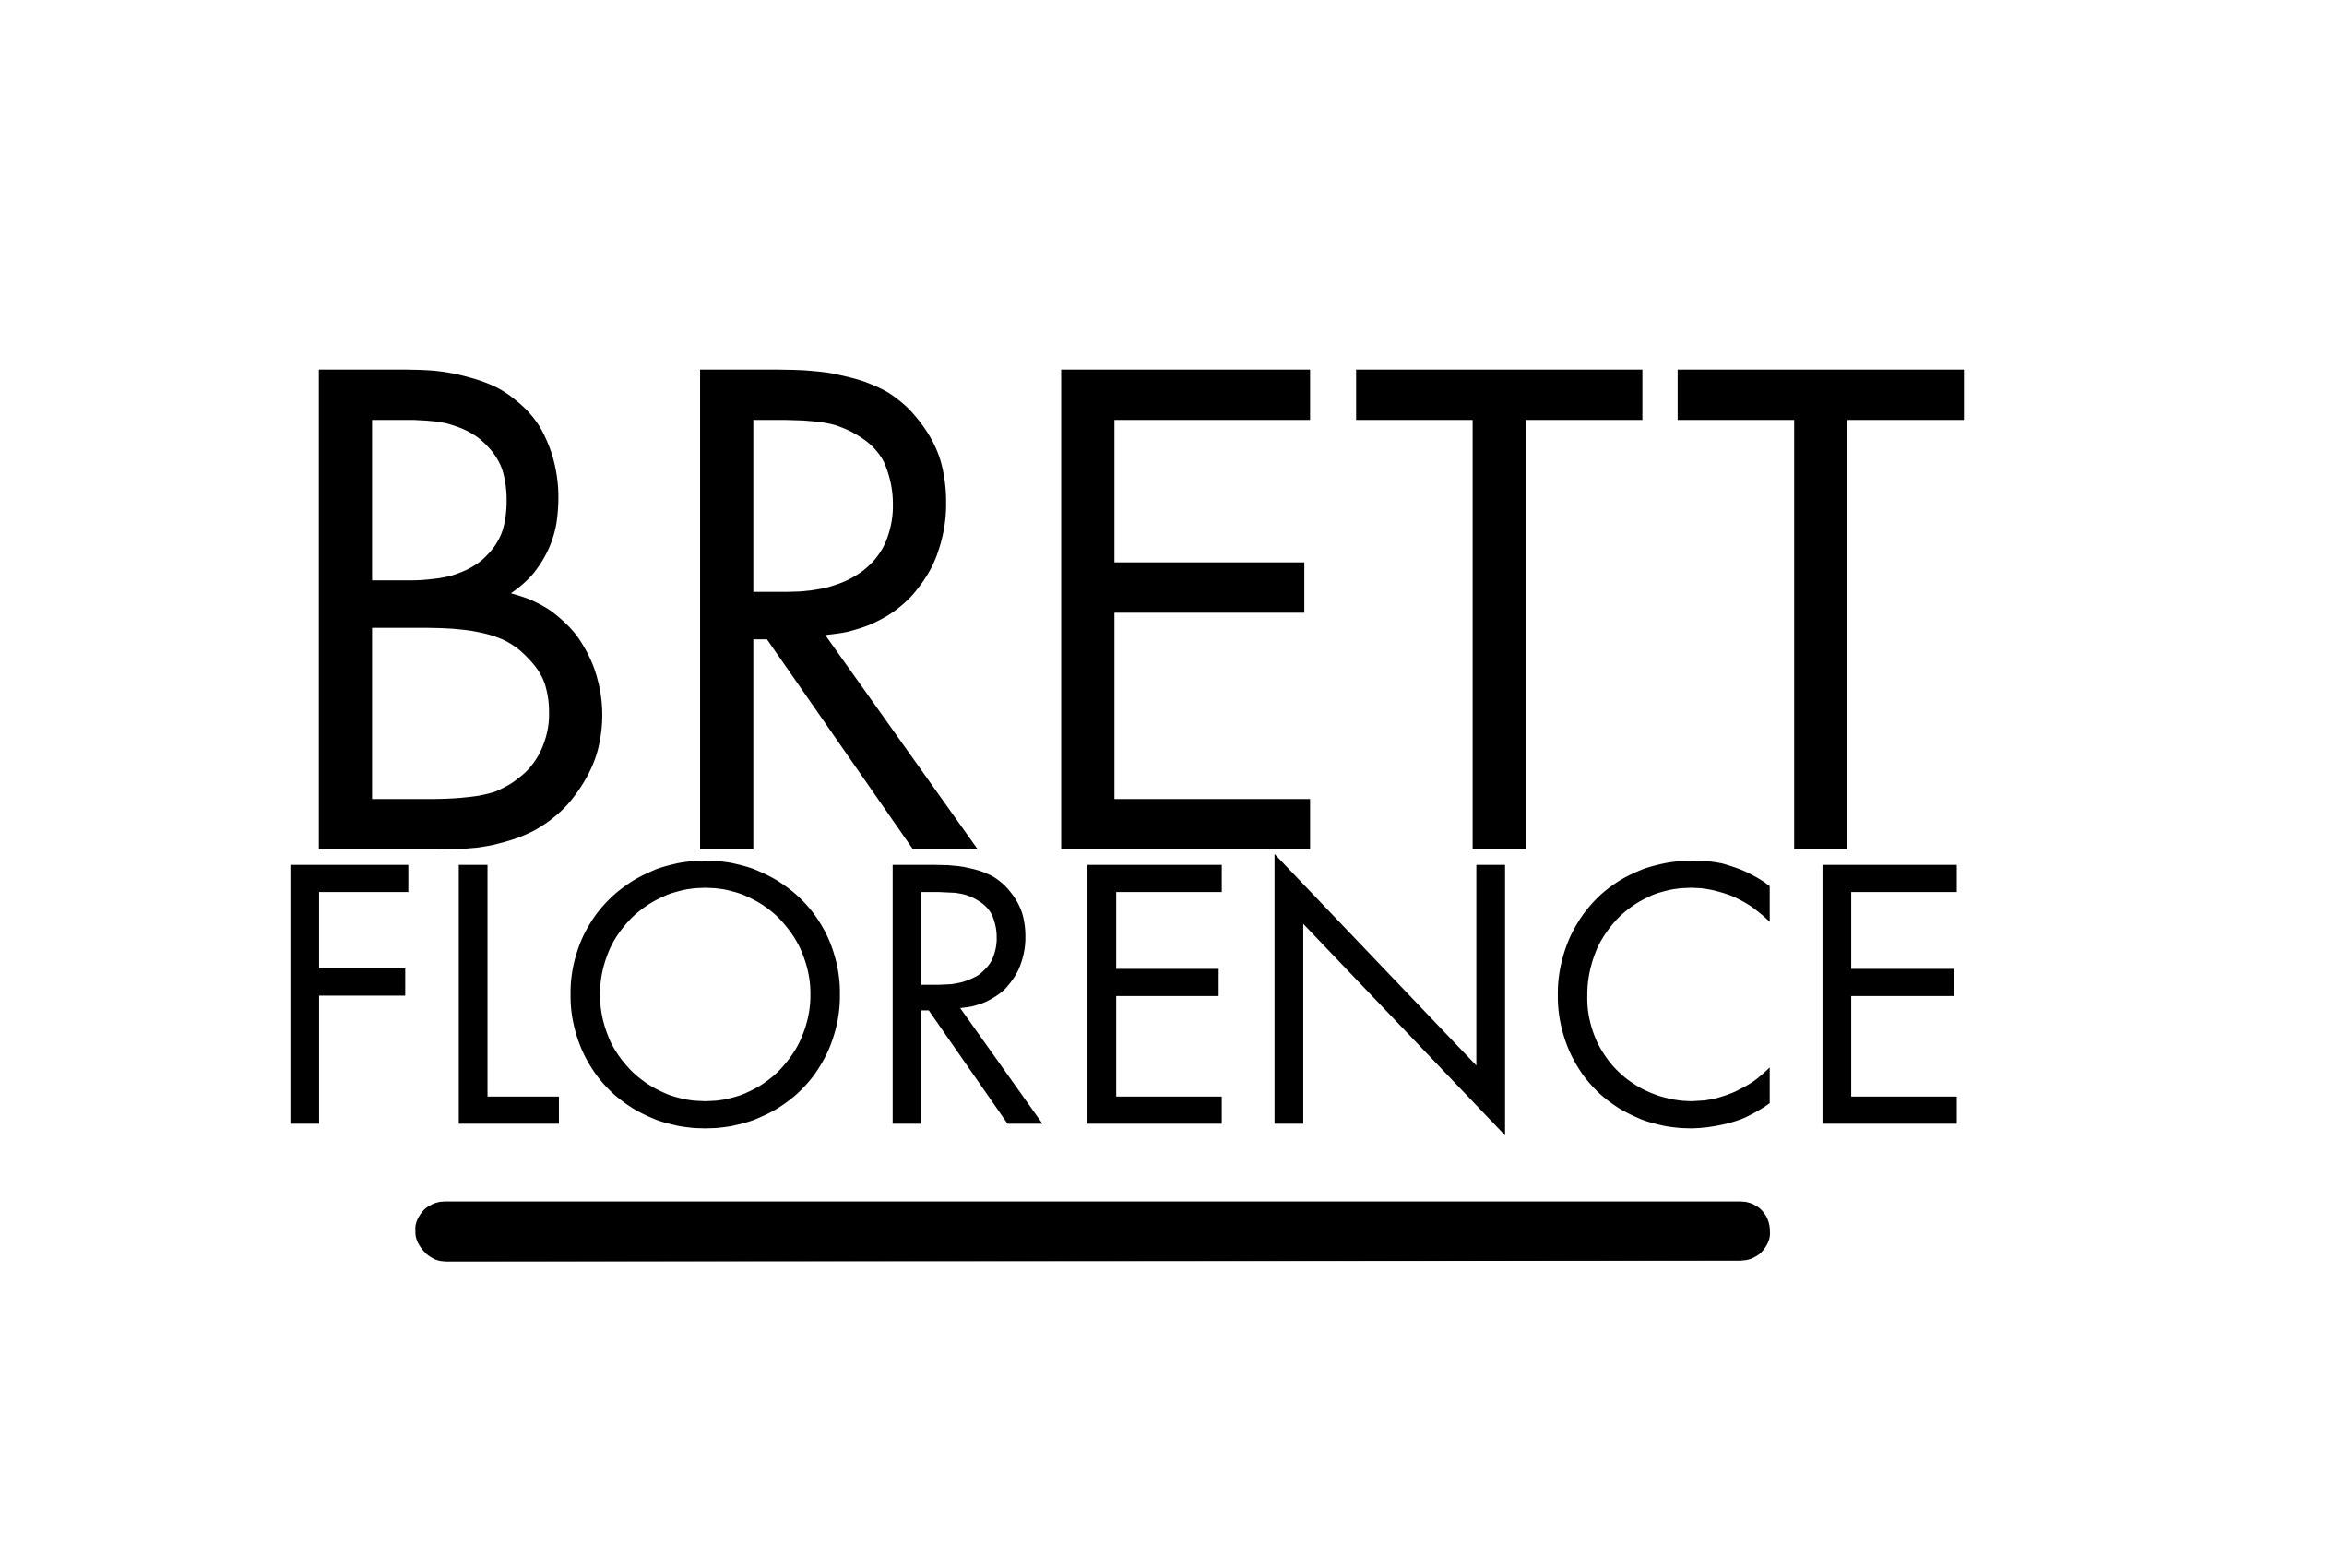 Brett Florence